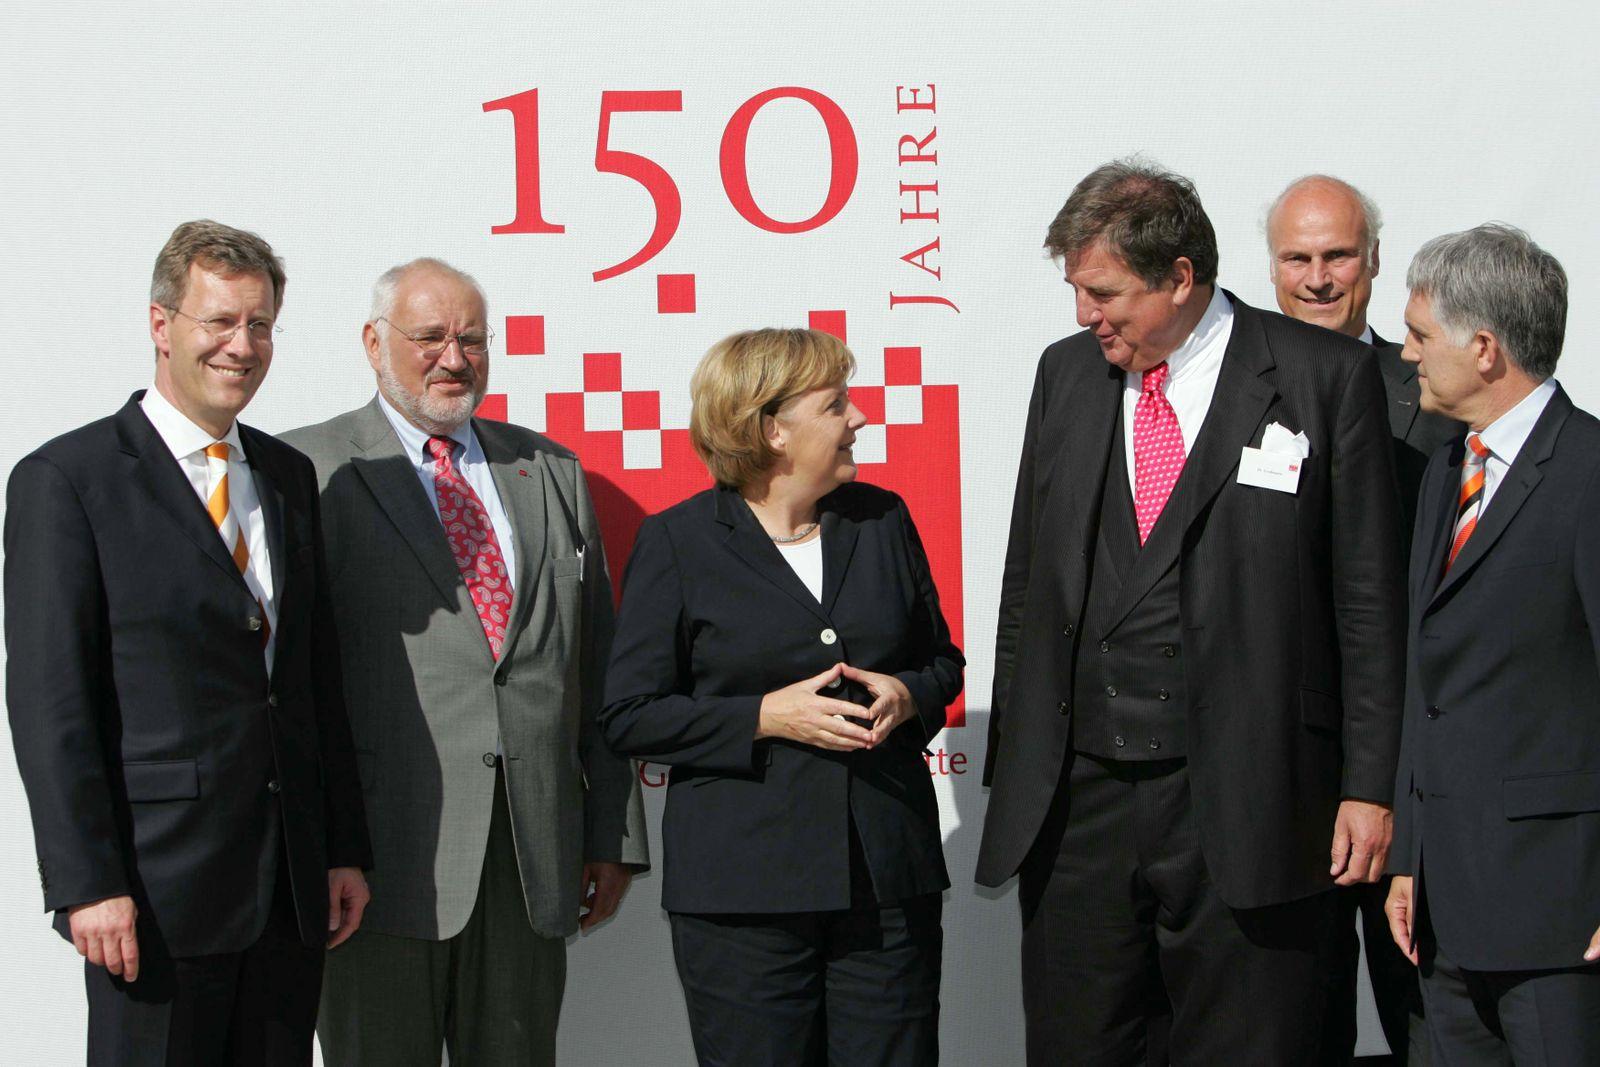 Peter van Hüllen; Merkel; Großmann;Carl-Ludwig Thiele